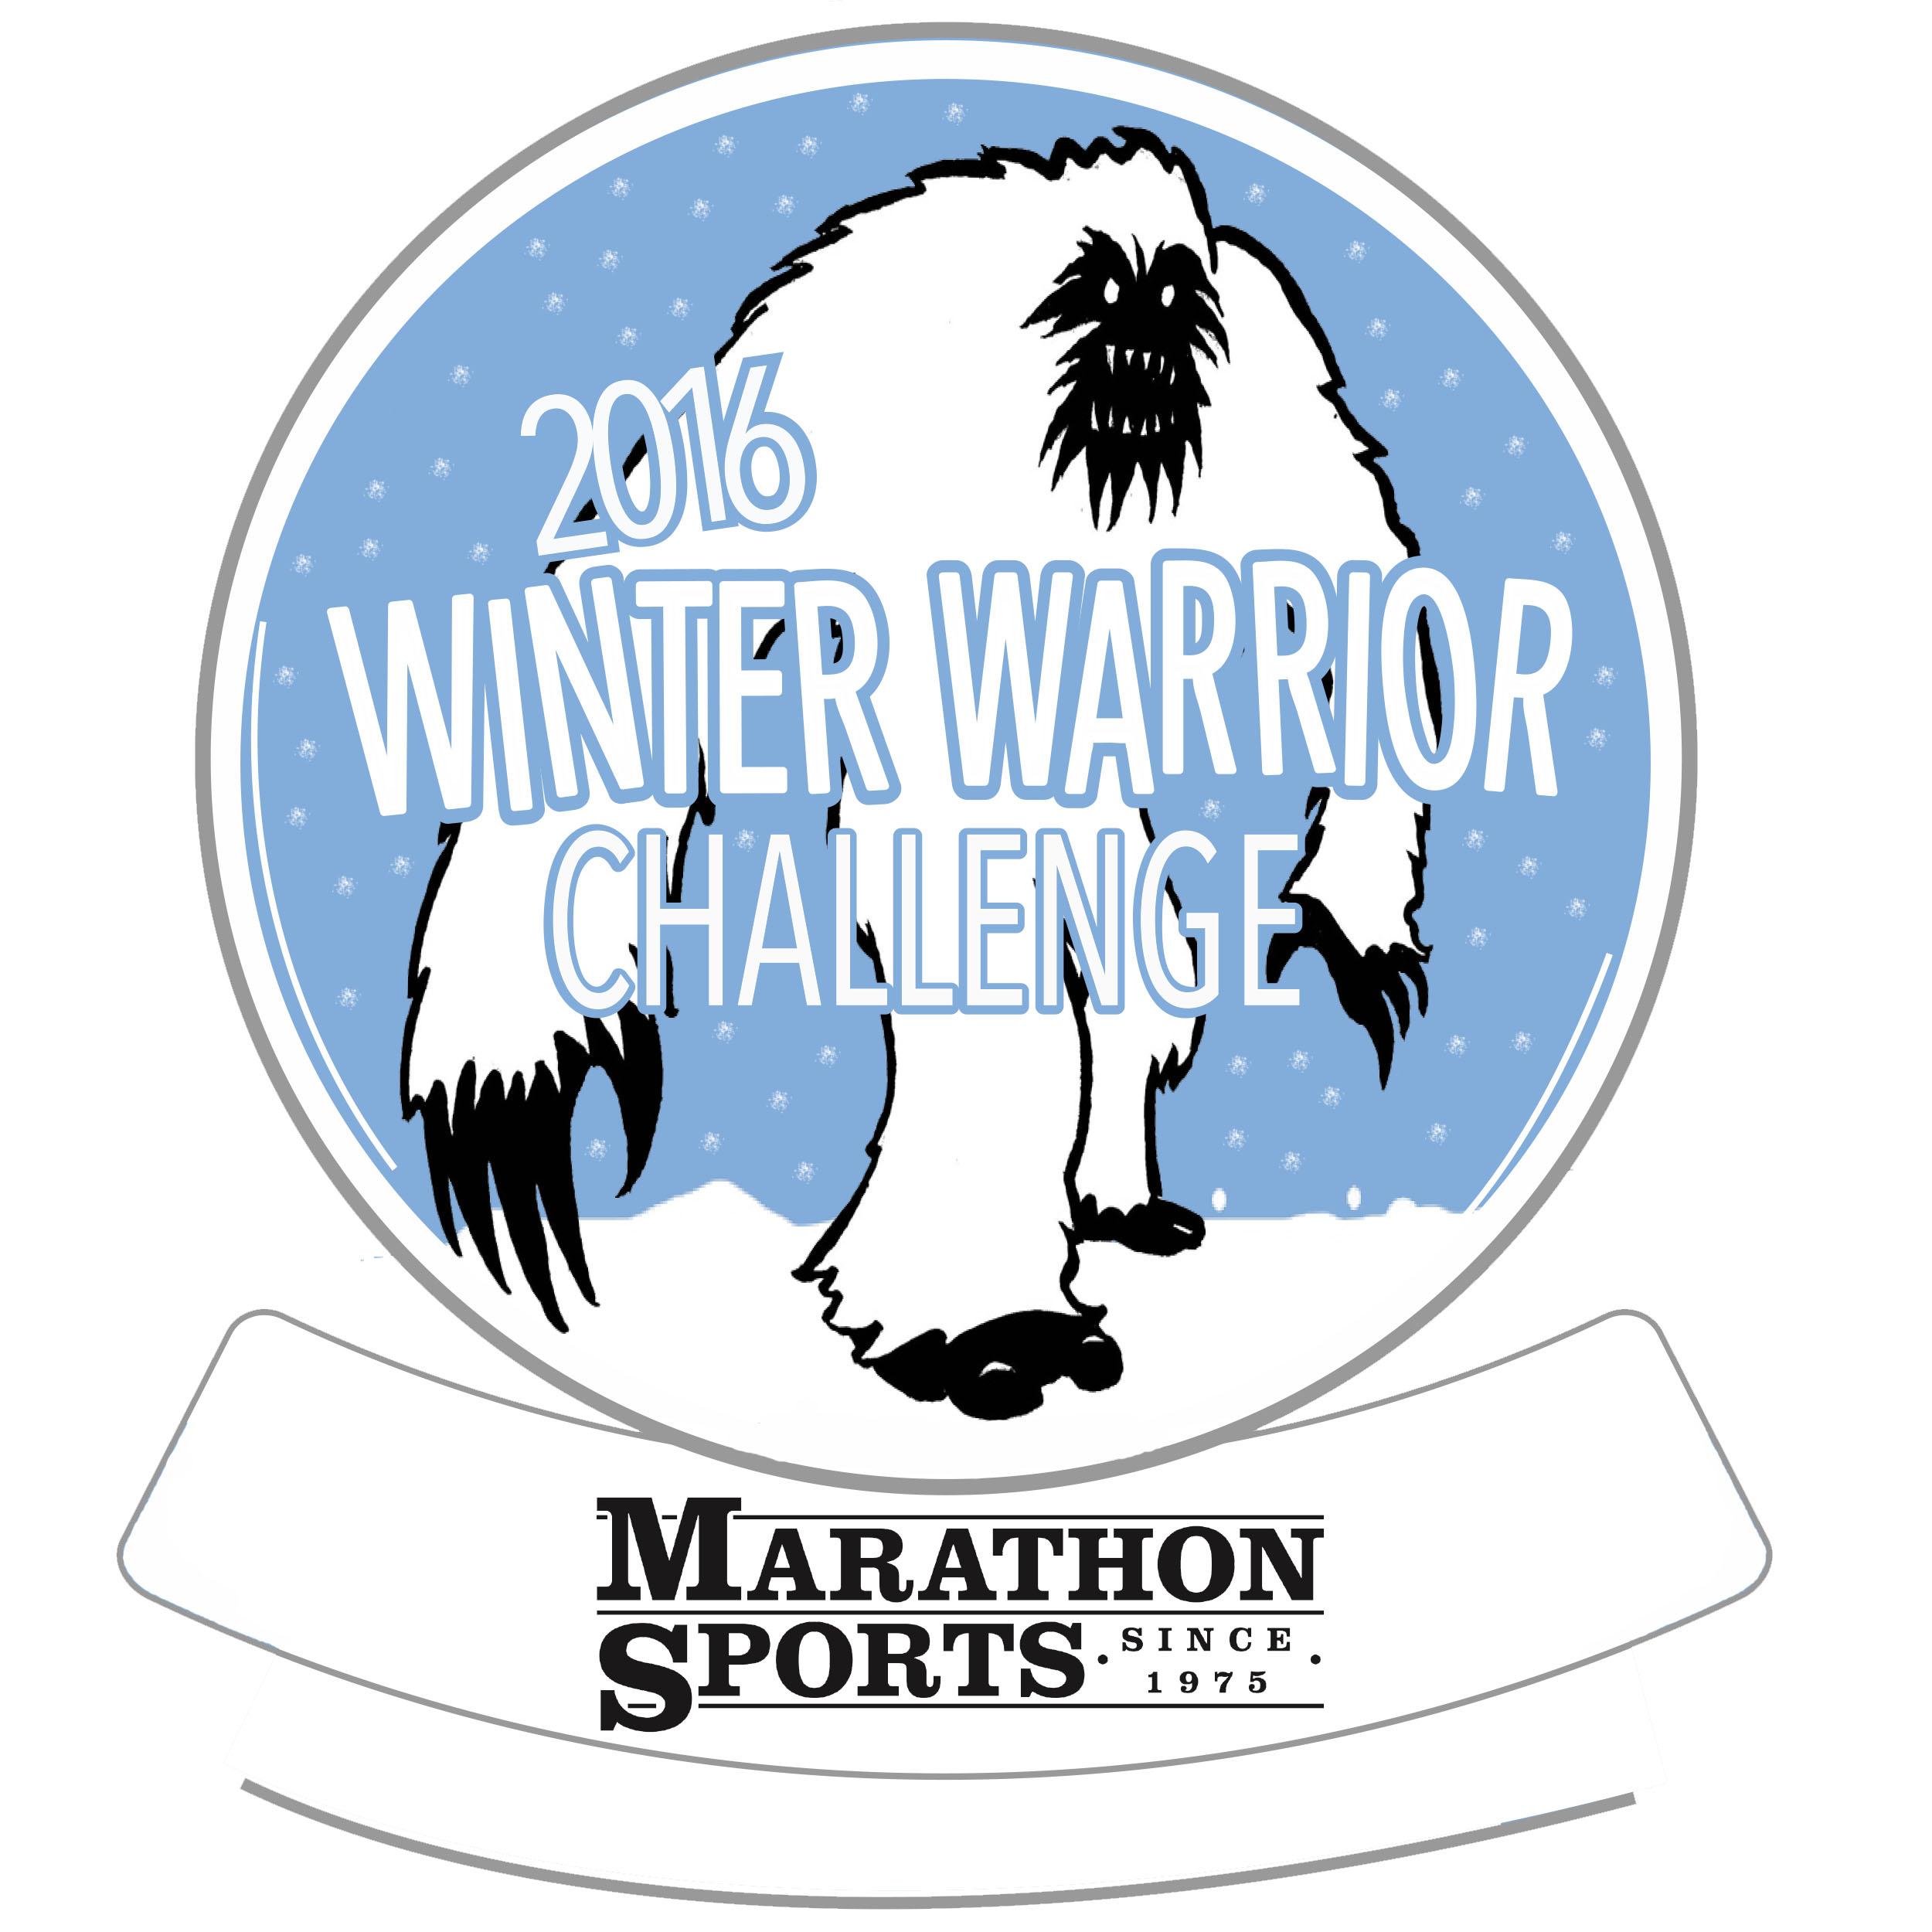 Ww blue logo